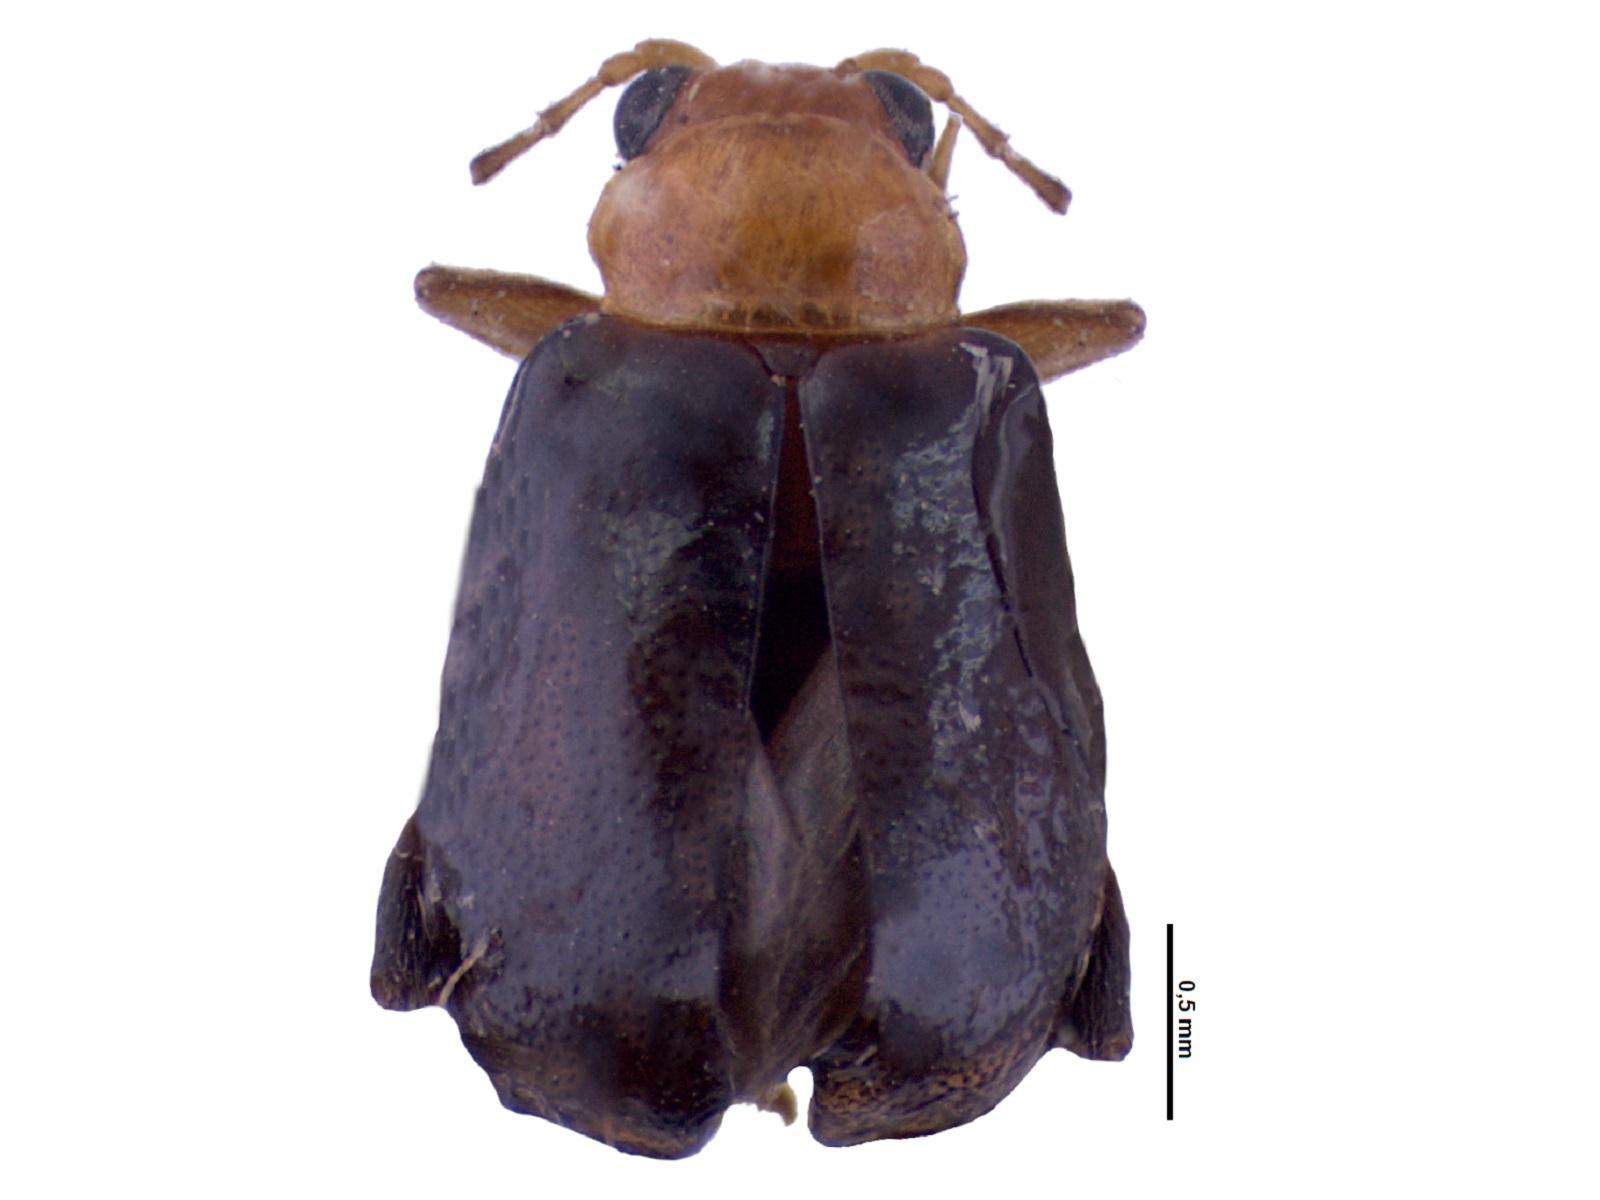 Propiasus spp.